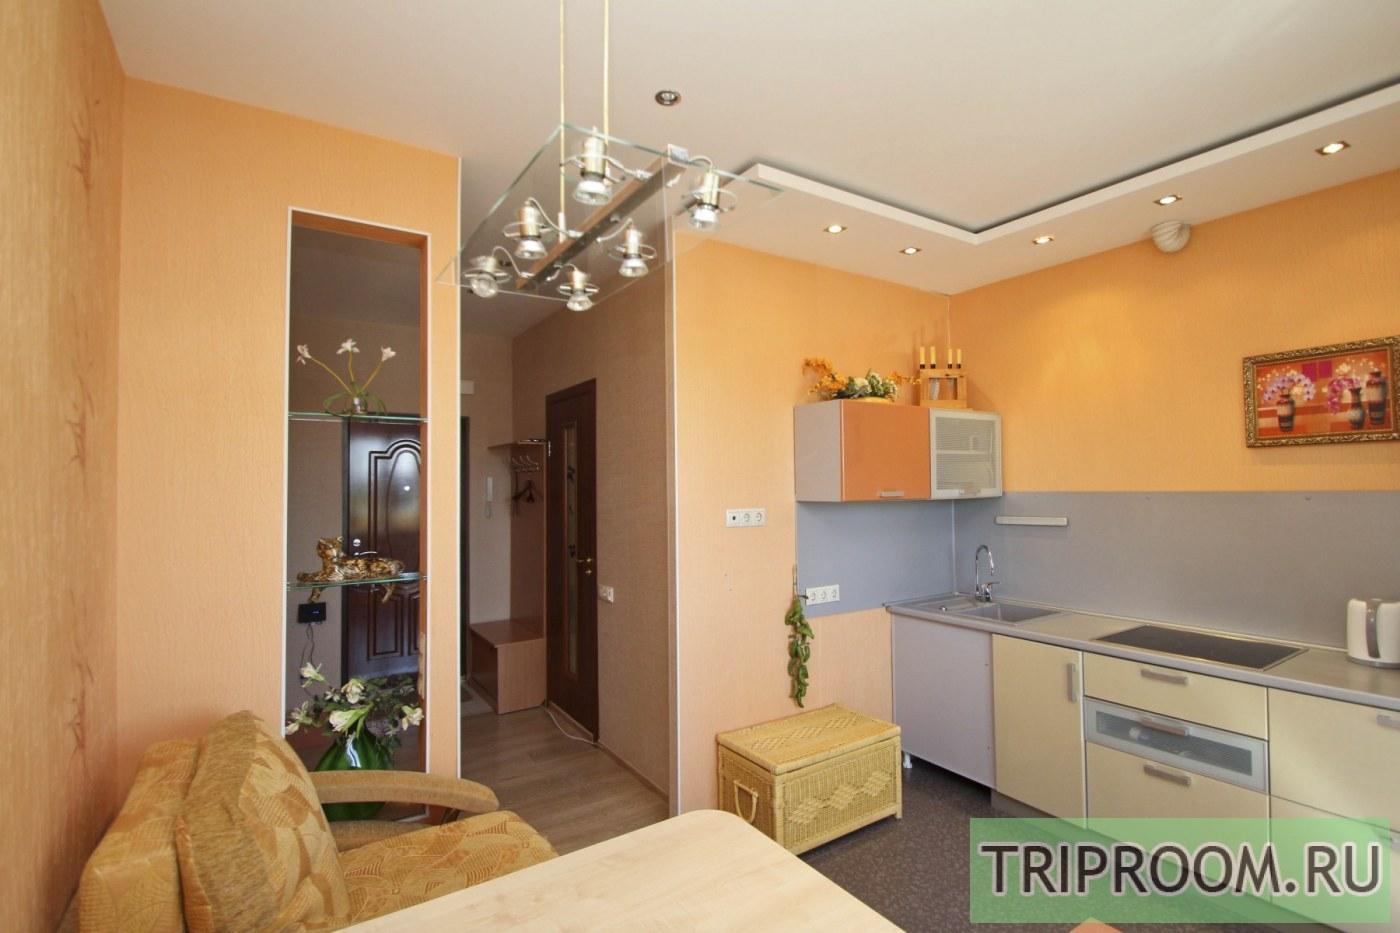 2-комнатная квартира посуточно (вариант № 37512), ул. Университетская улица, фото № 6